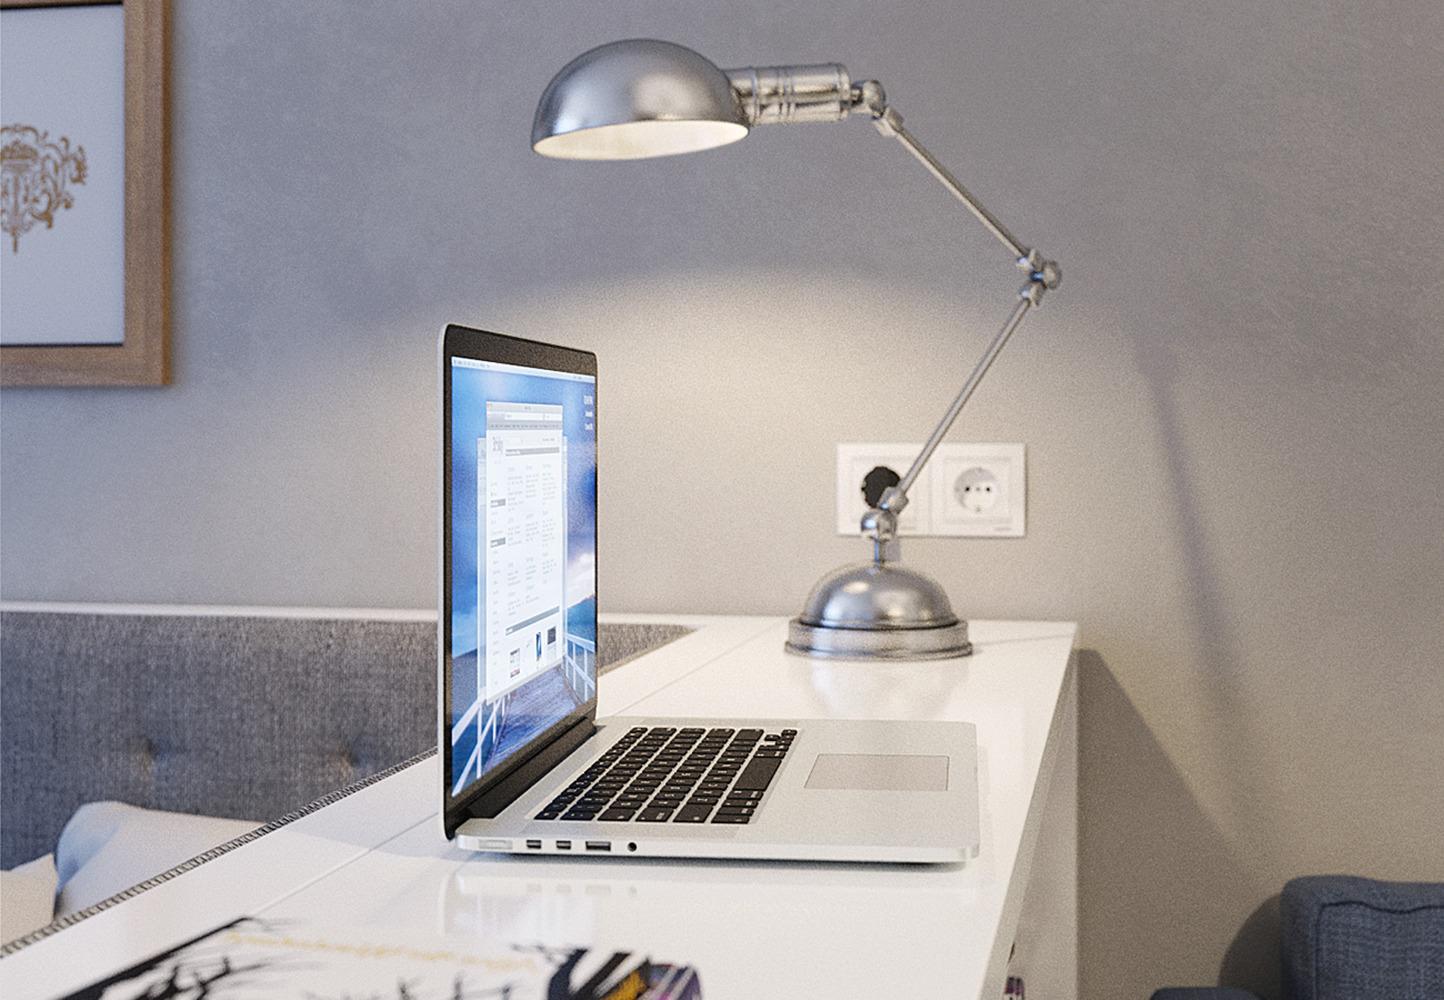 Настольная лампа для освещения рабочей зоны